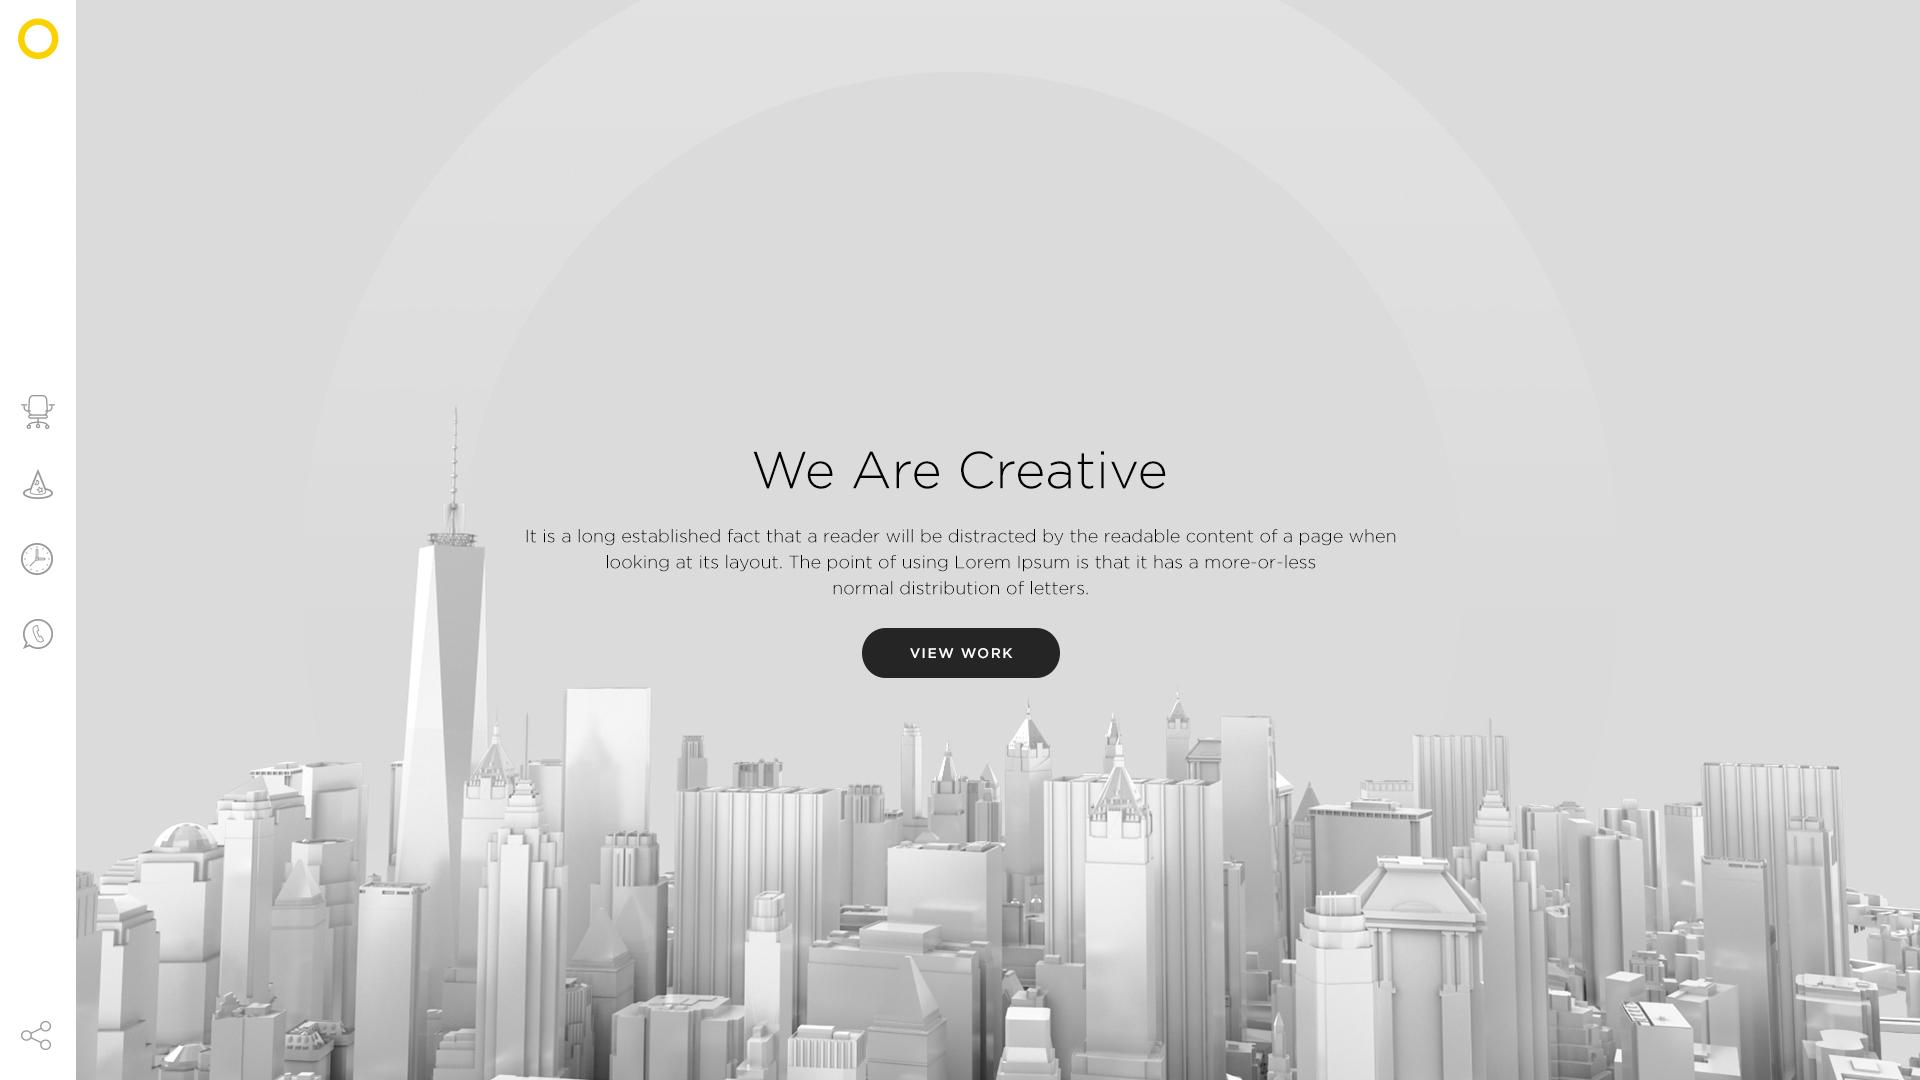 Landing page design by Ruslan Siiz